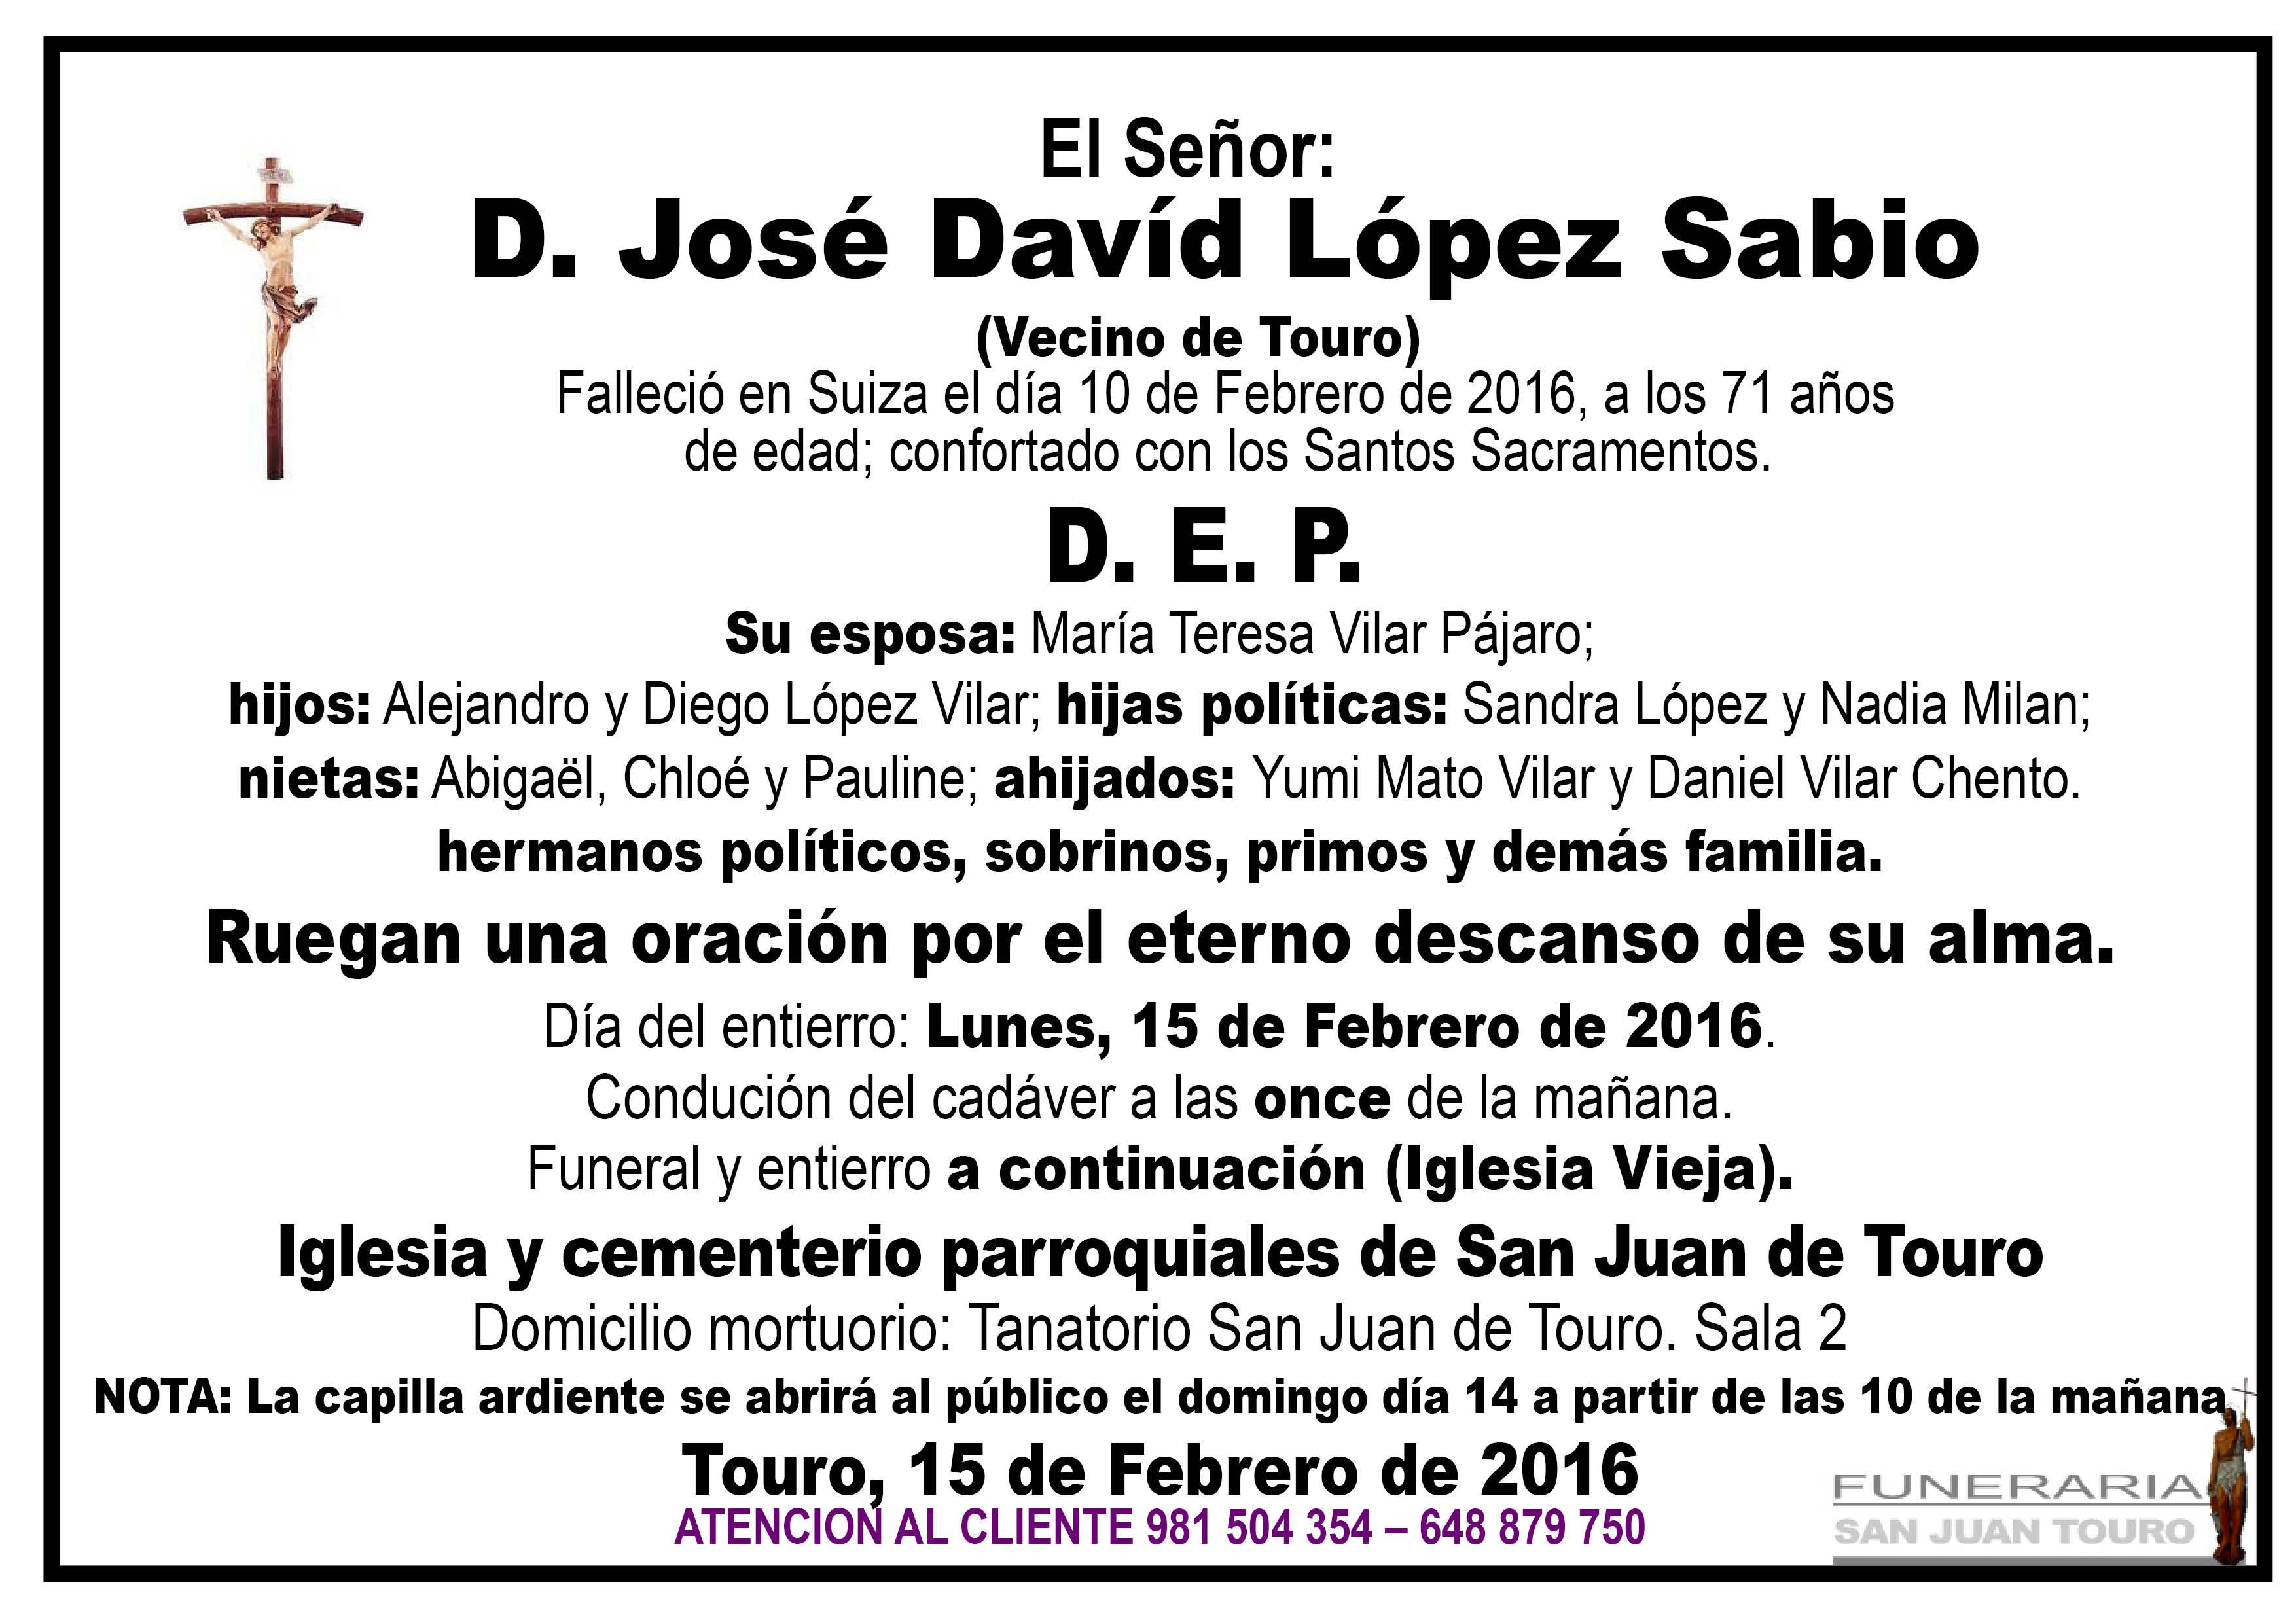 Esquela de SEPELIO D. JOSÉ DAVID LÓPEZ SABIO